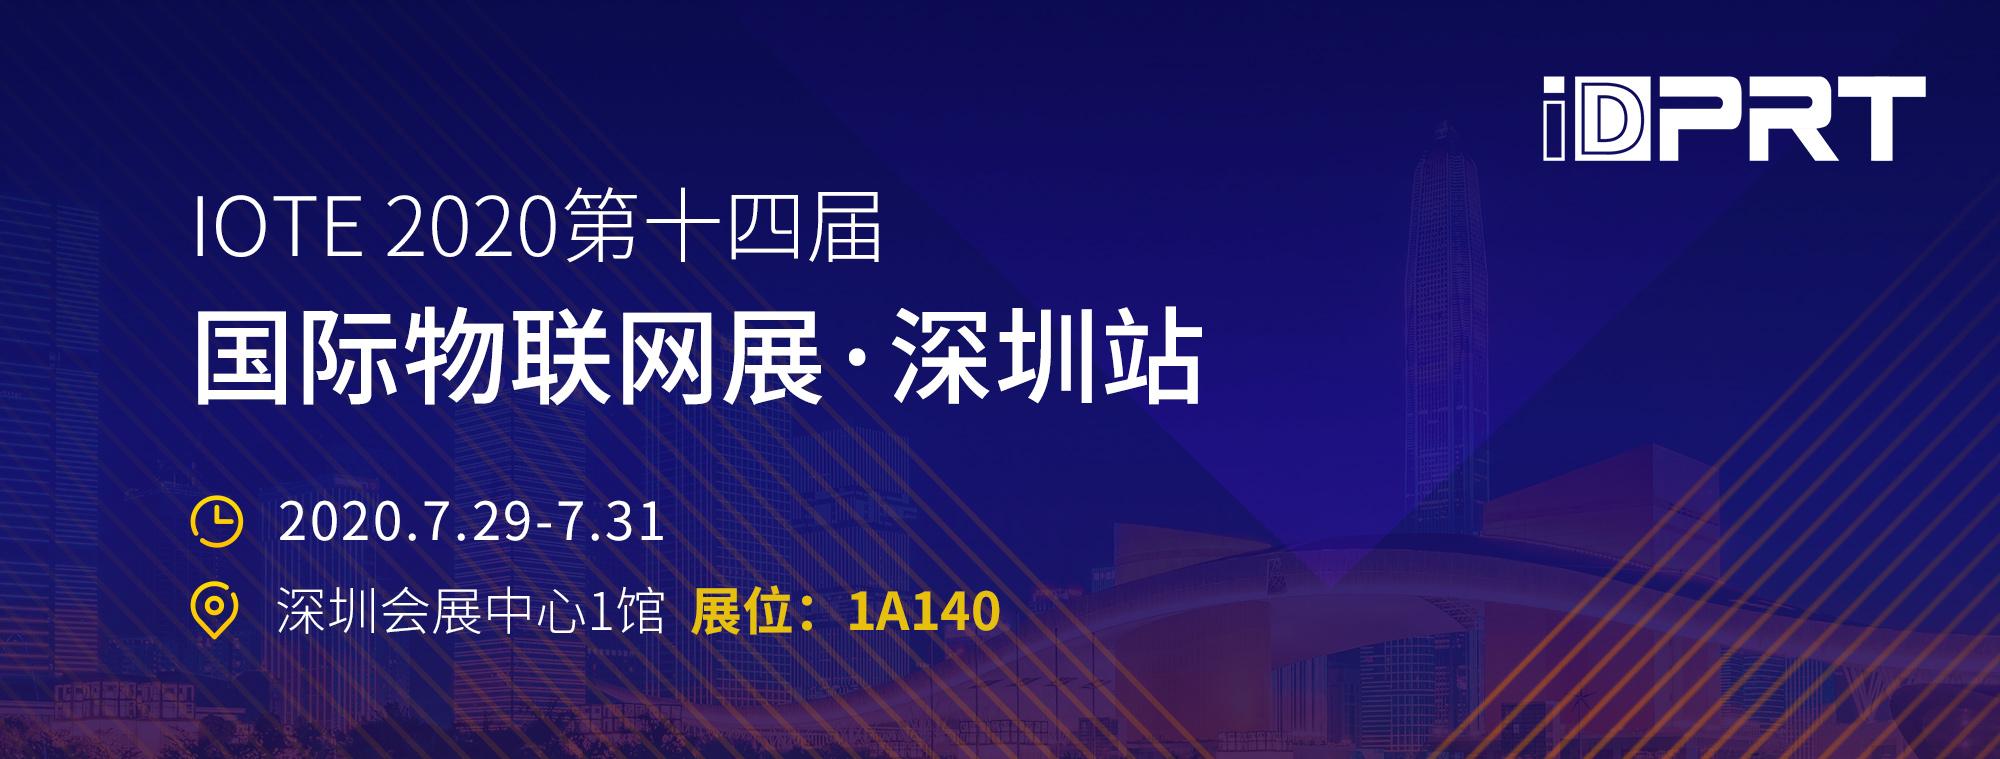 厦门汉印诚邀您至深圳参加IOTE2020第十四届物联网展!